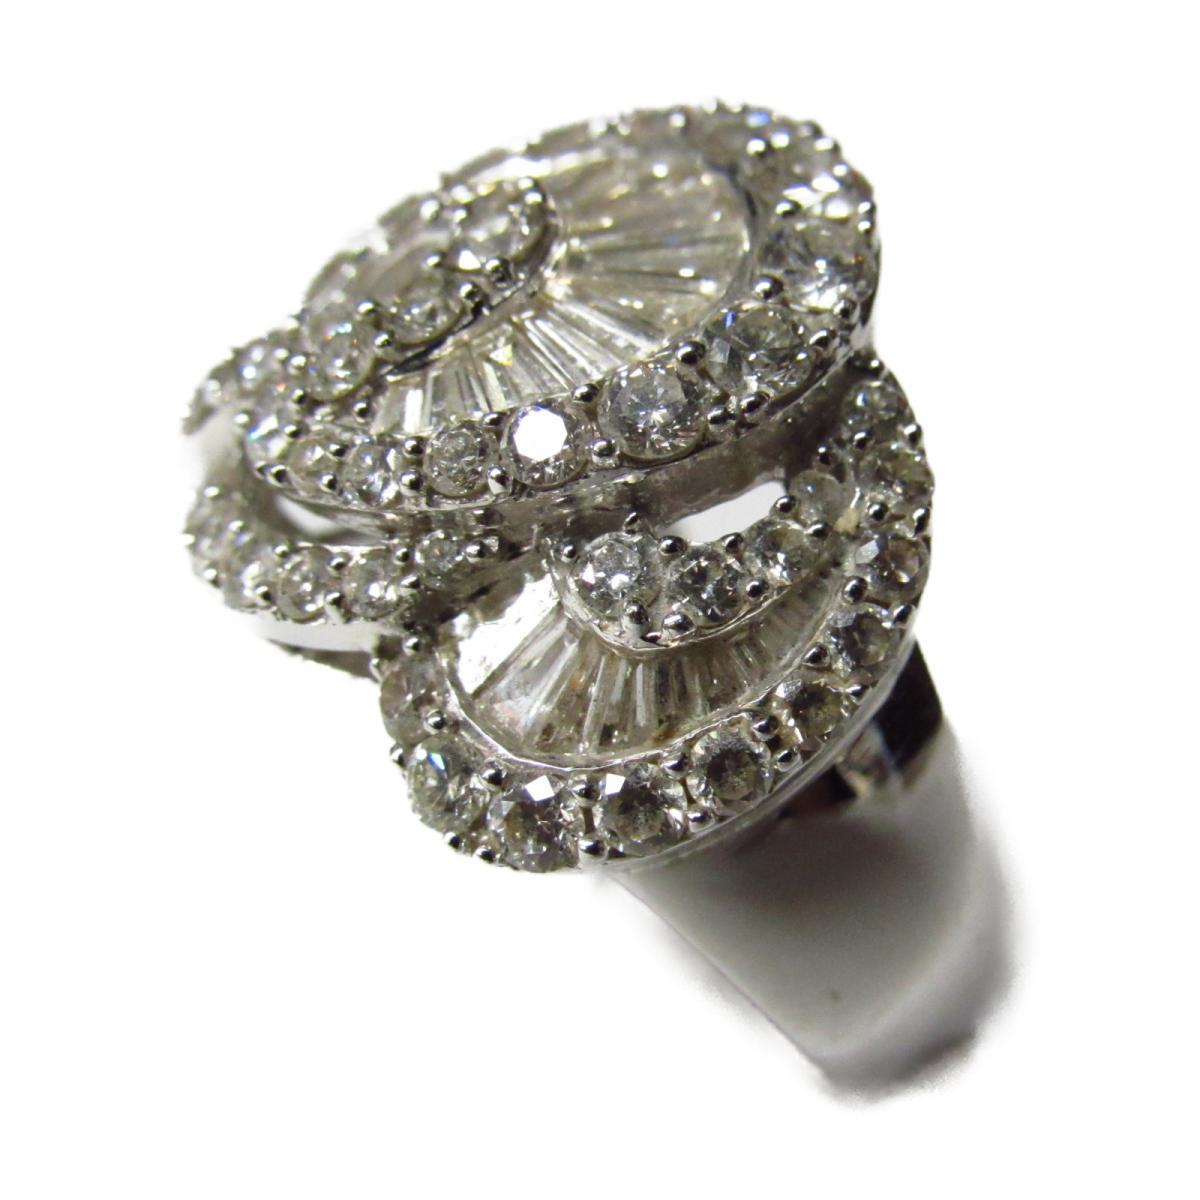 【中古】ジュエリー リング 指輪 ノーブランドジュエリー レディース K18WG (750) ホワイトゴールド × ダイヤモンド シルバー | JEWELRY BRANDOFF ブランドオフ アクセサリー